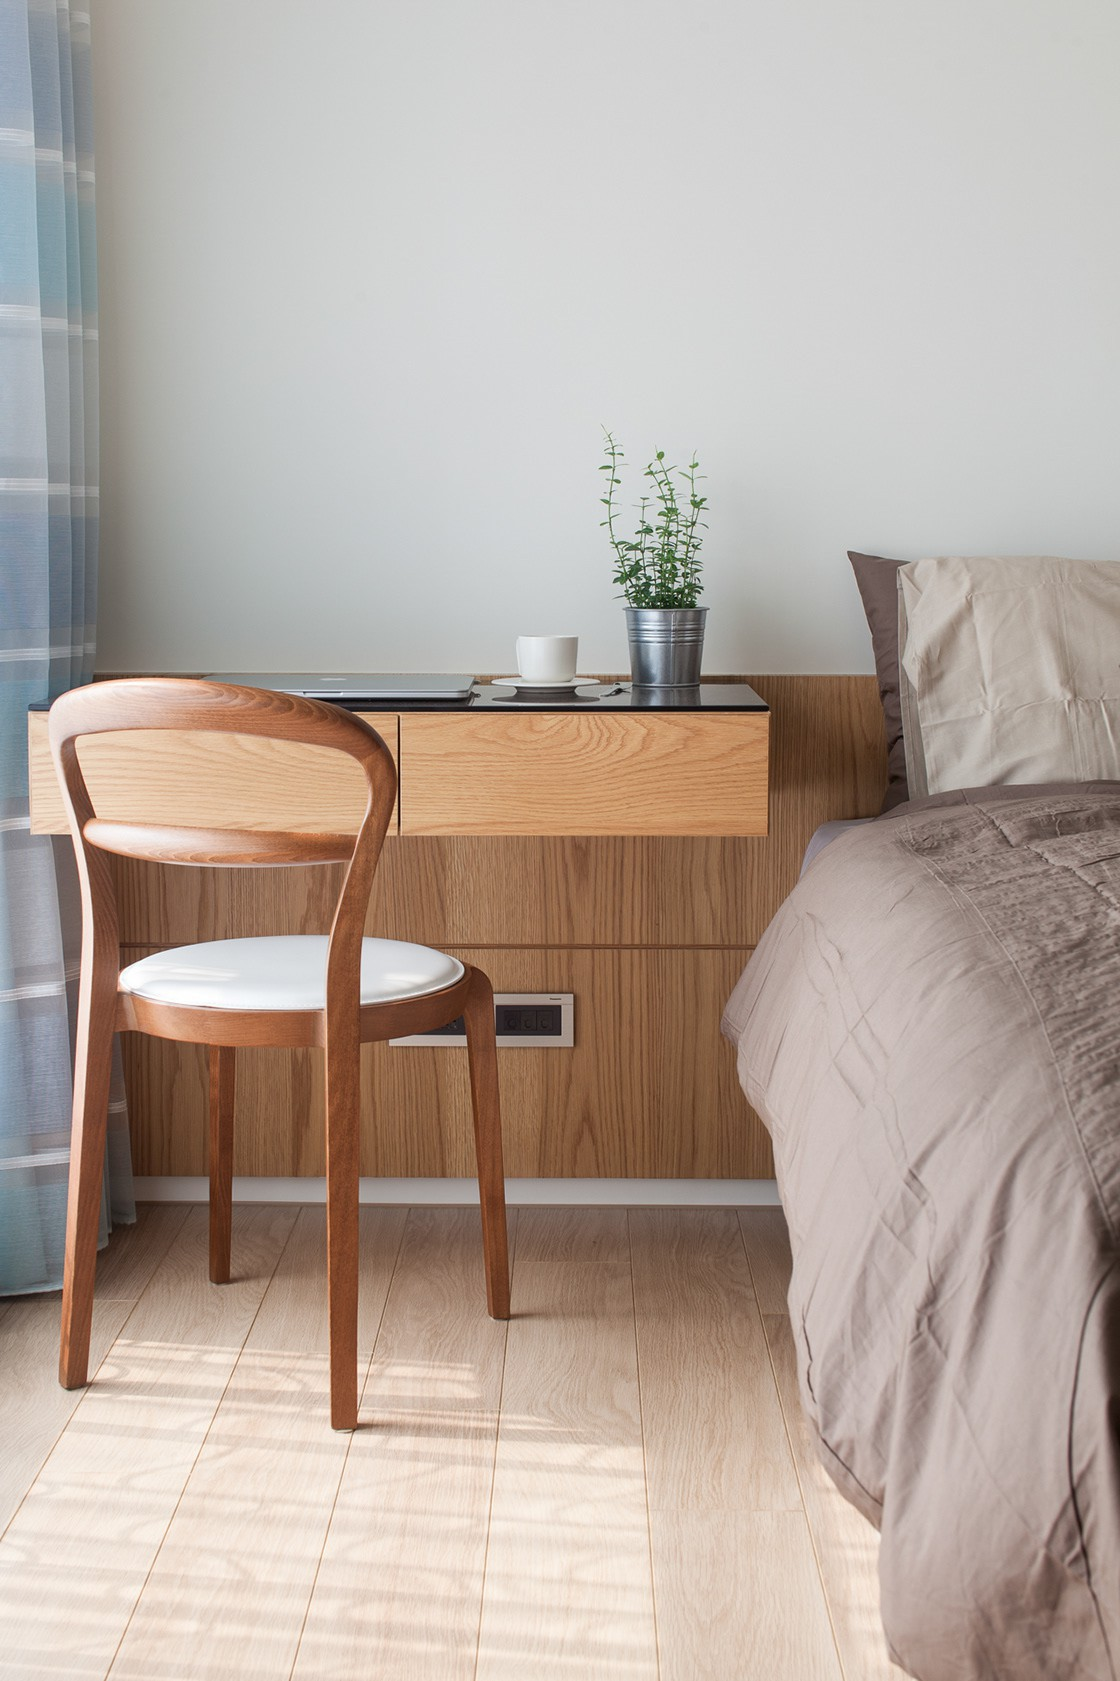 Căn hộ chung cư thiết kế thoáng đẹp như nhà vườn mang đậm chất Nhật Bản - Hình 27